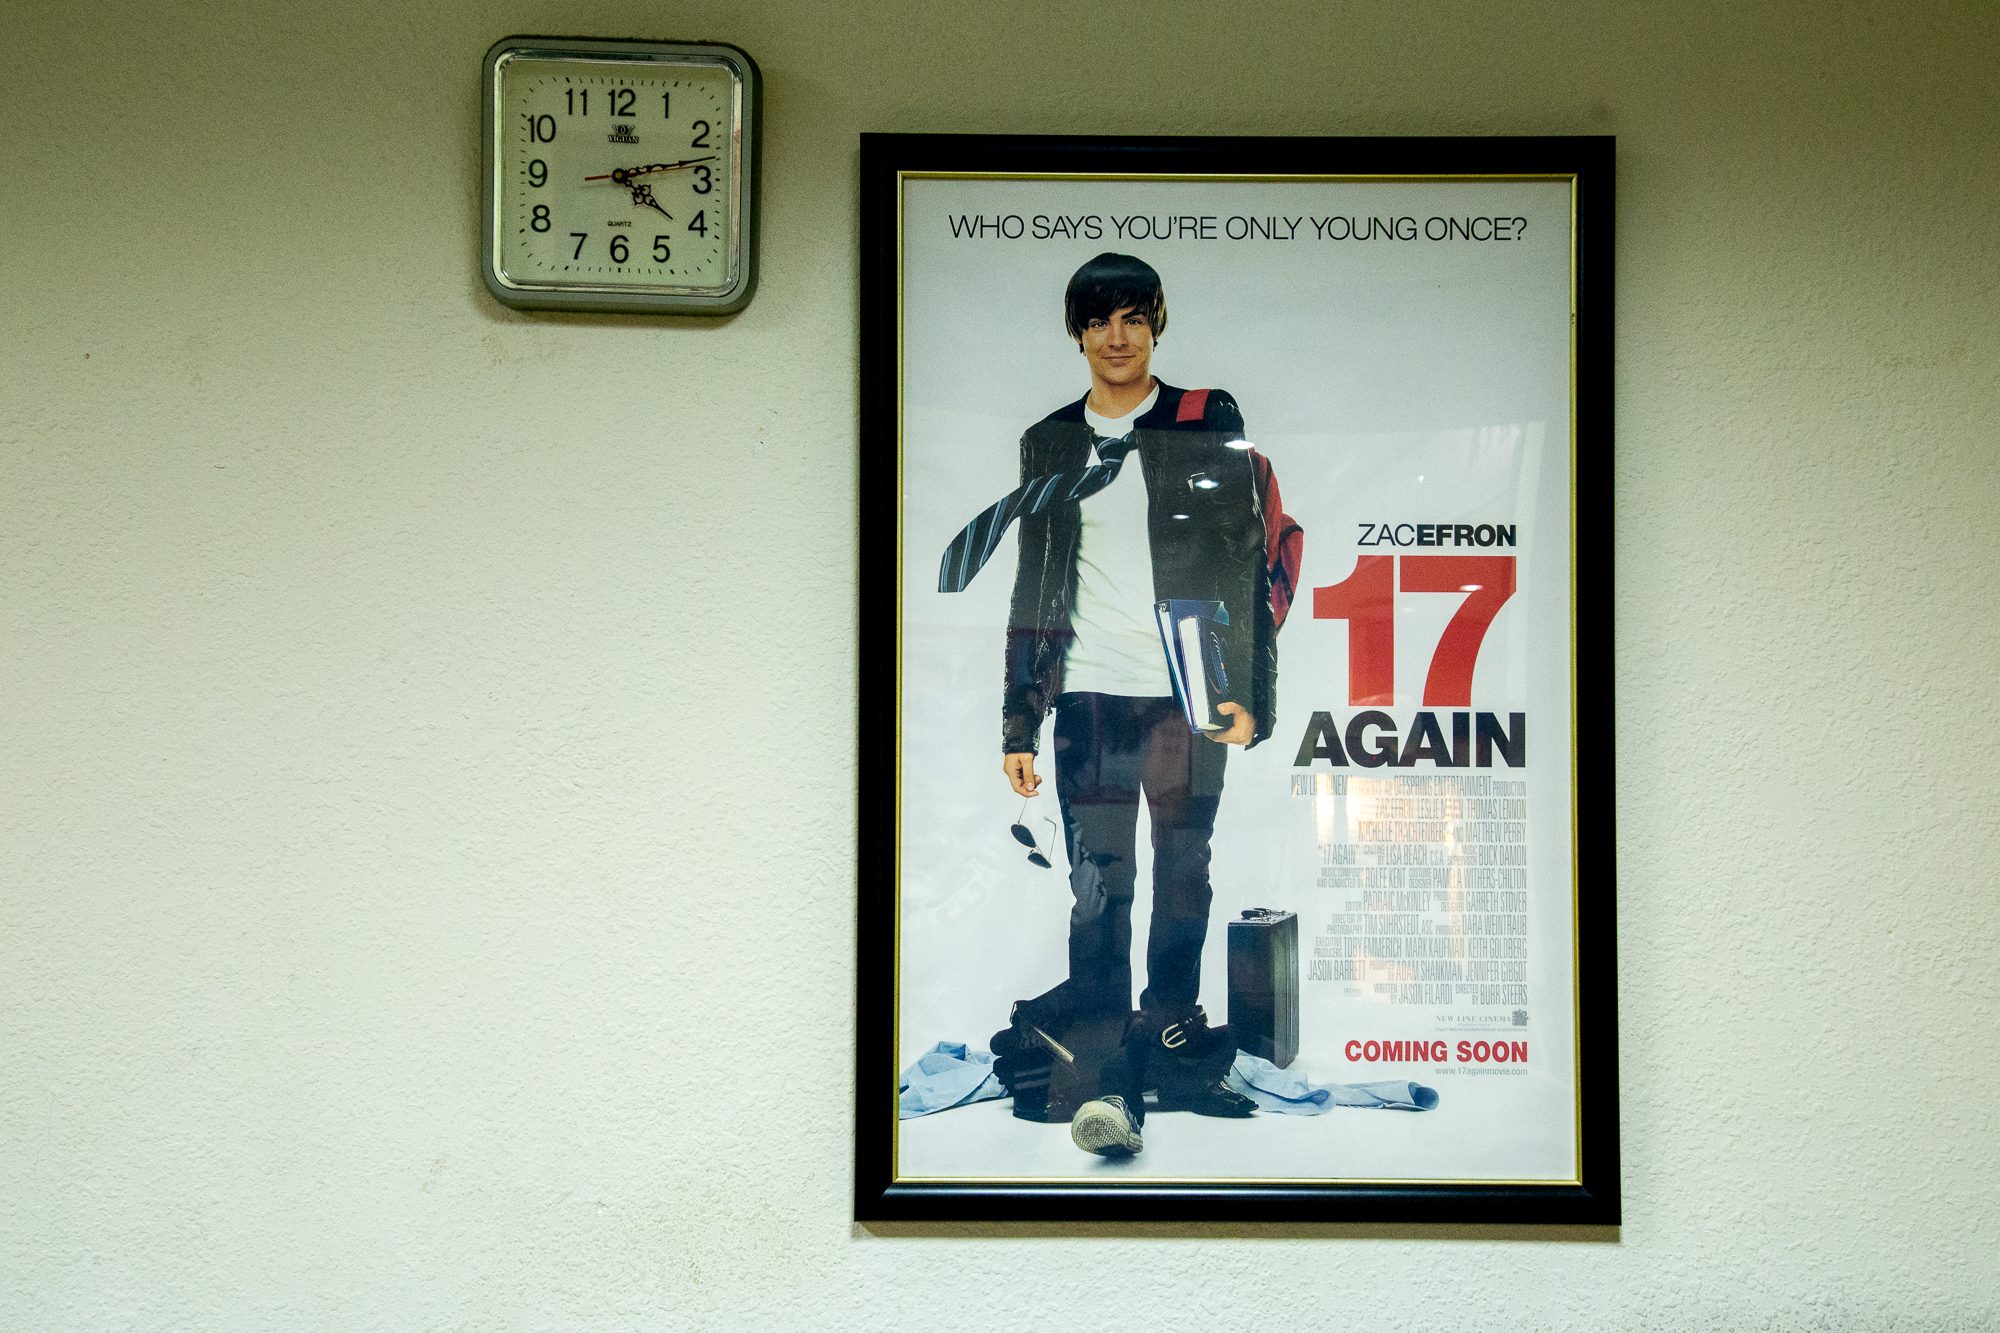 二輪電影院常有原版海報販賣,價格昂貴且具有收藏價值,很多電影愛好者會前來購買 攝影/胡皓宸